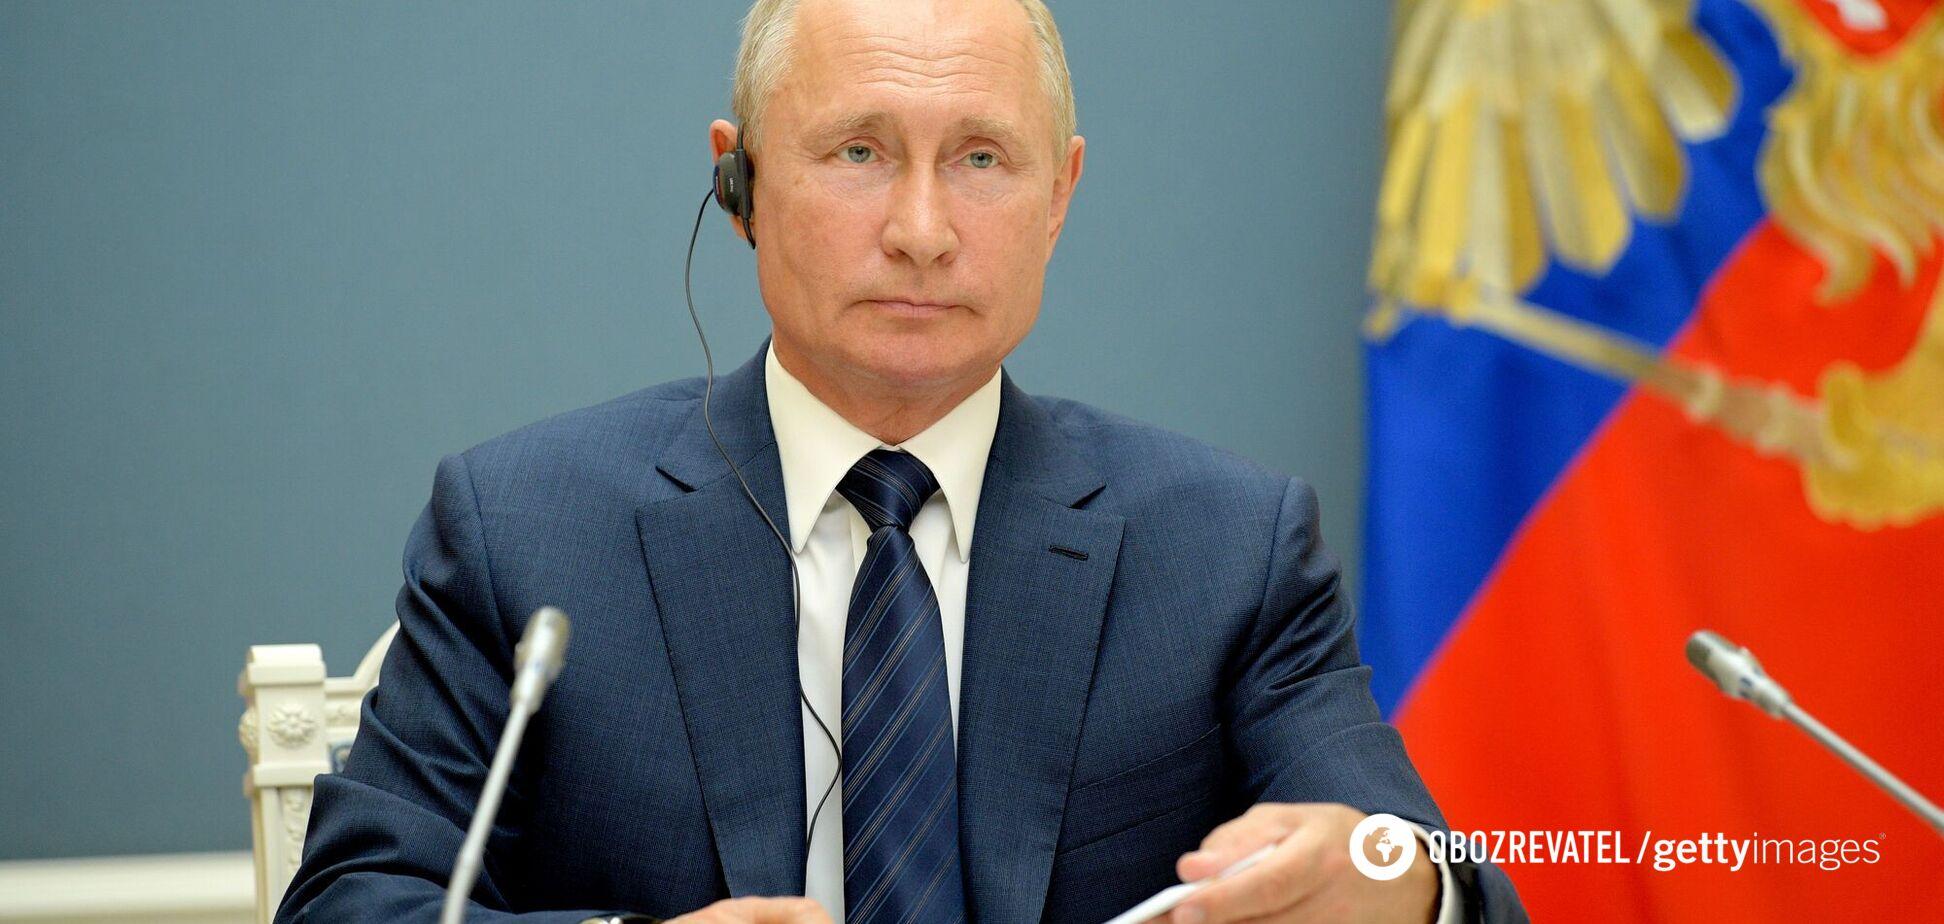 Послання - 2021. Що сказав і чого не сказав Путін про Україну